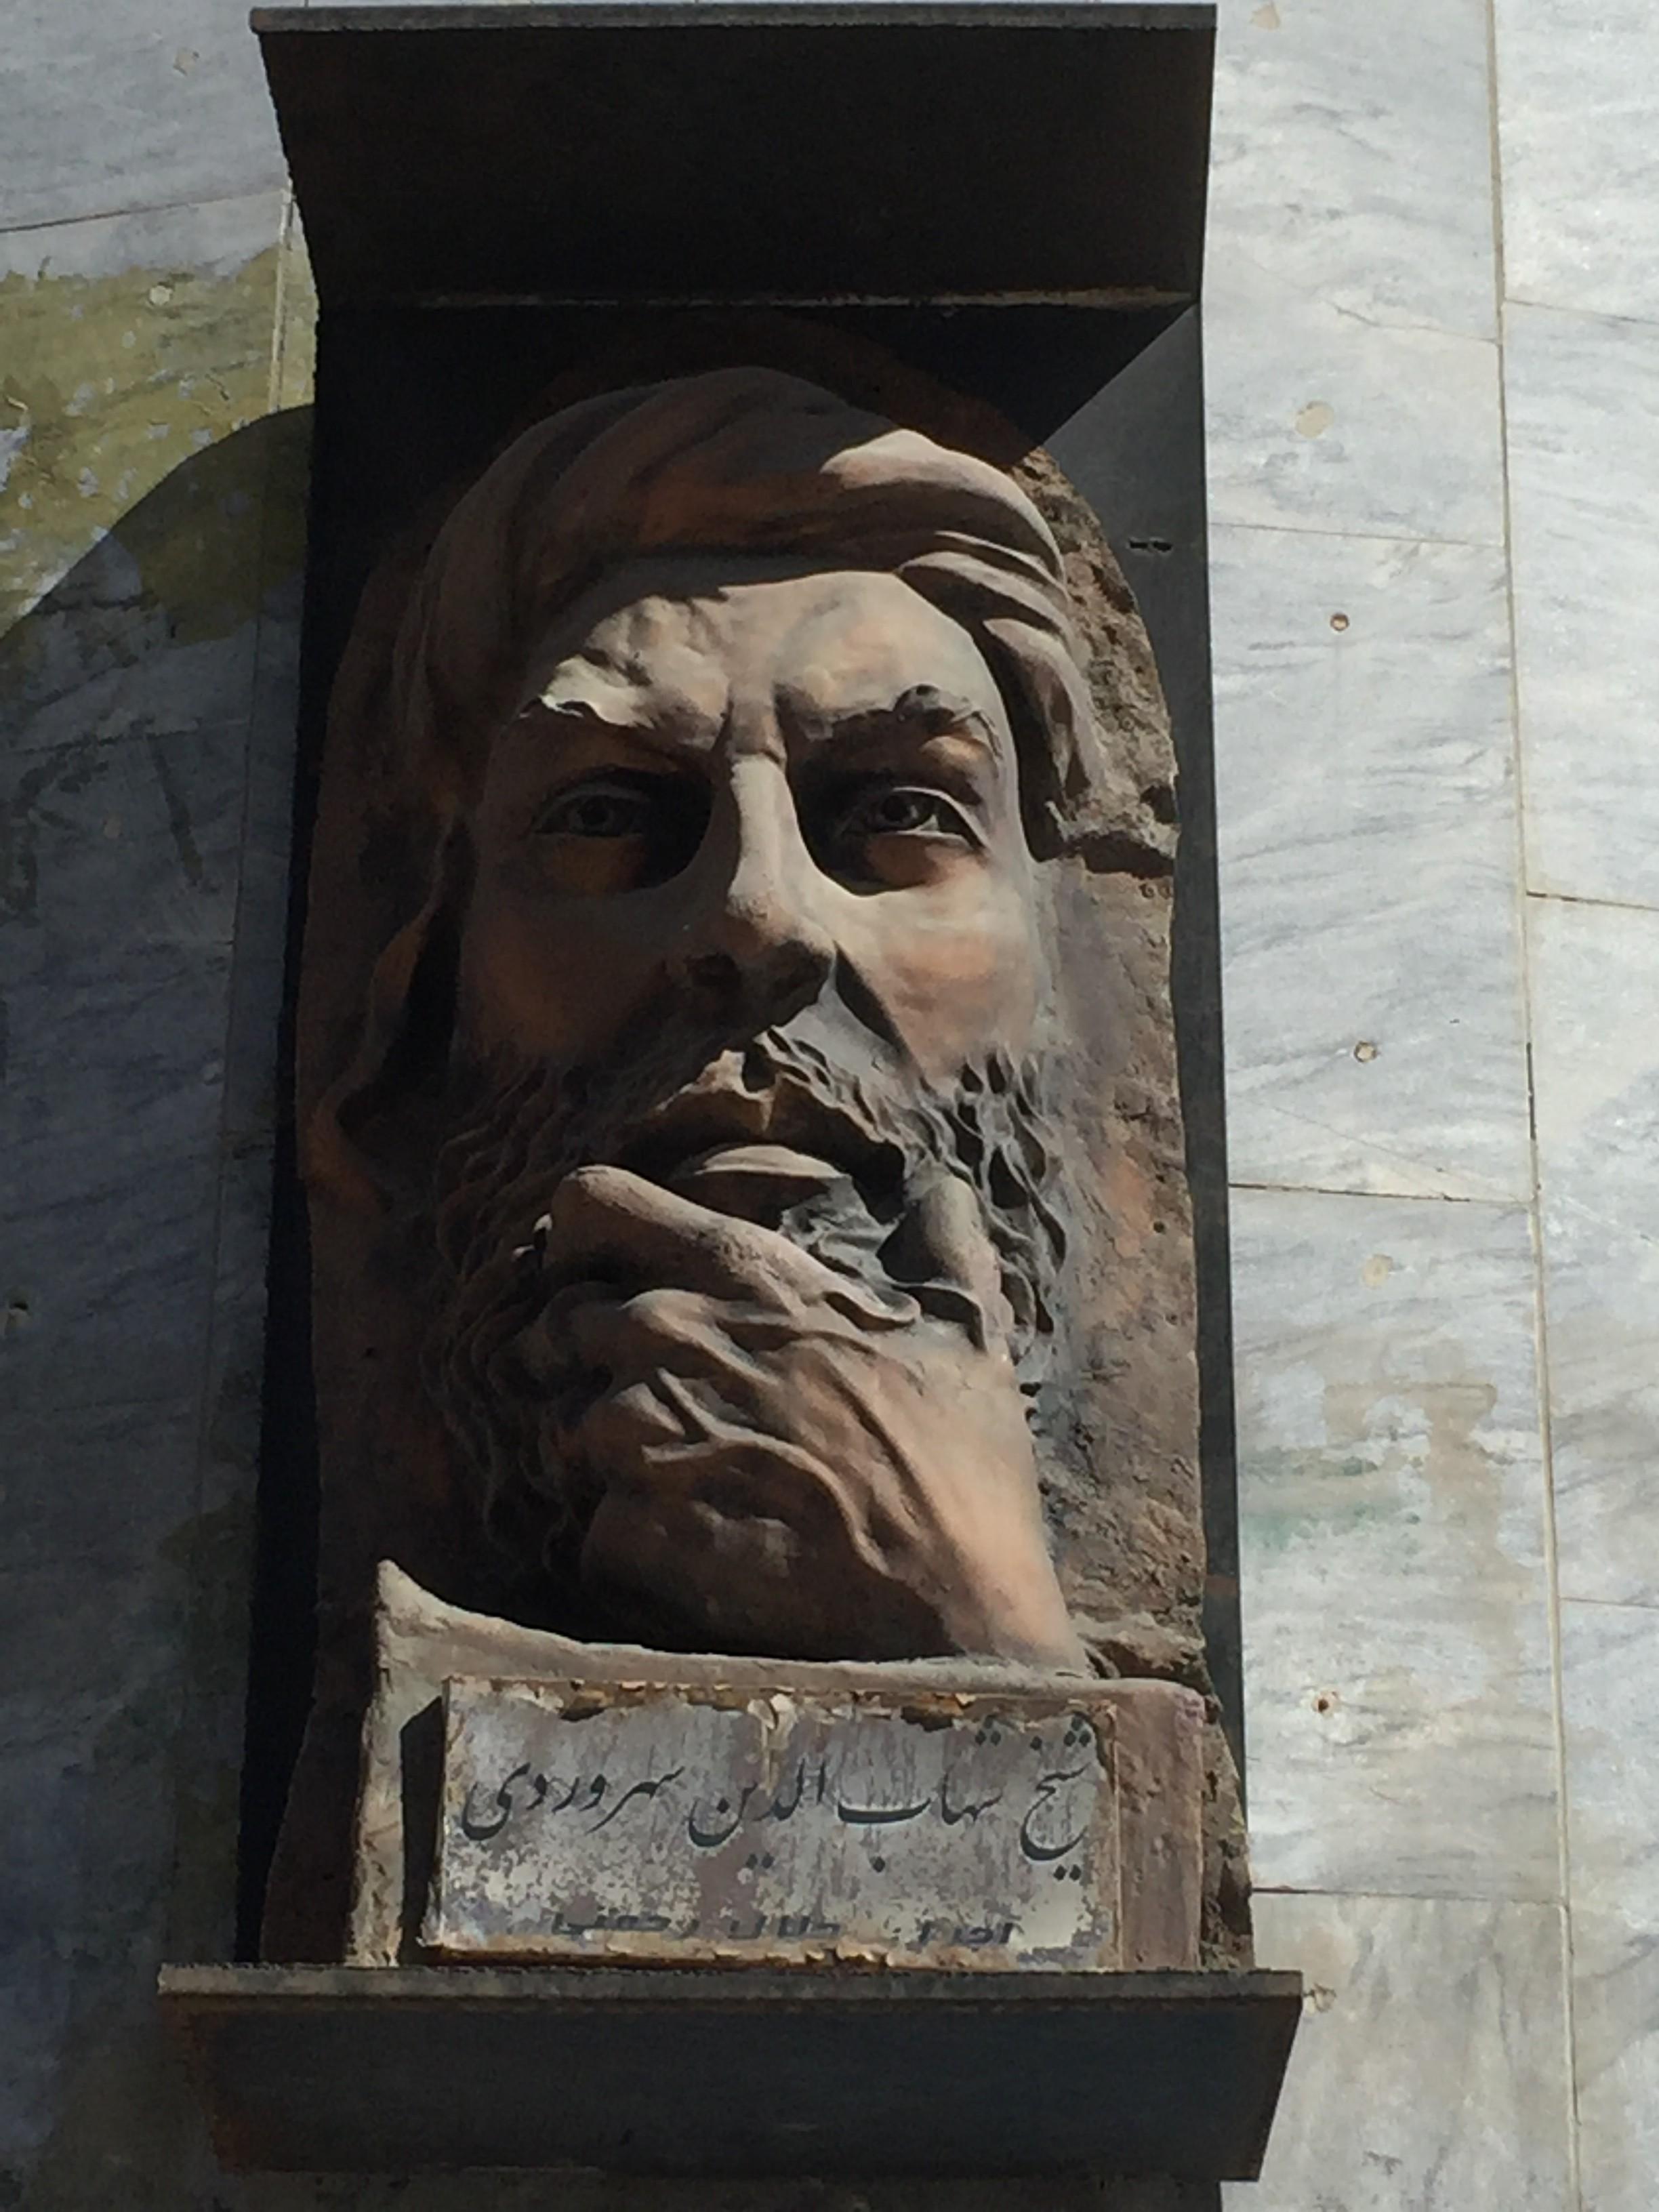 Philosopher Soravardi immortalised on the library wall